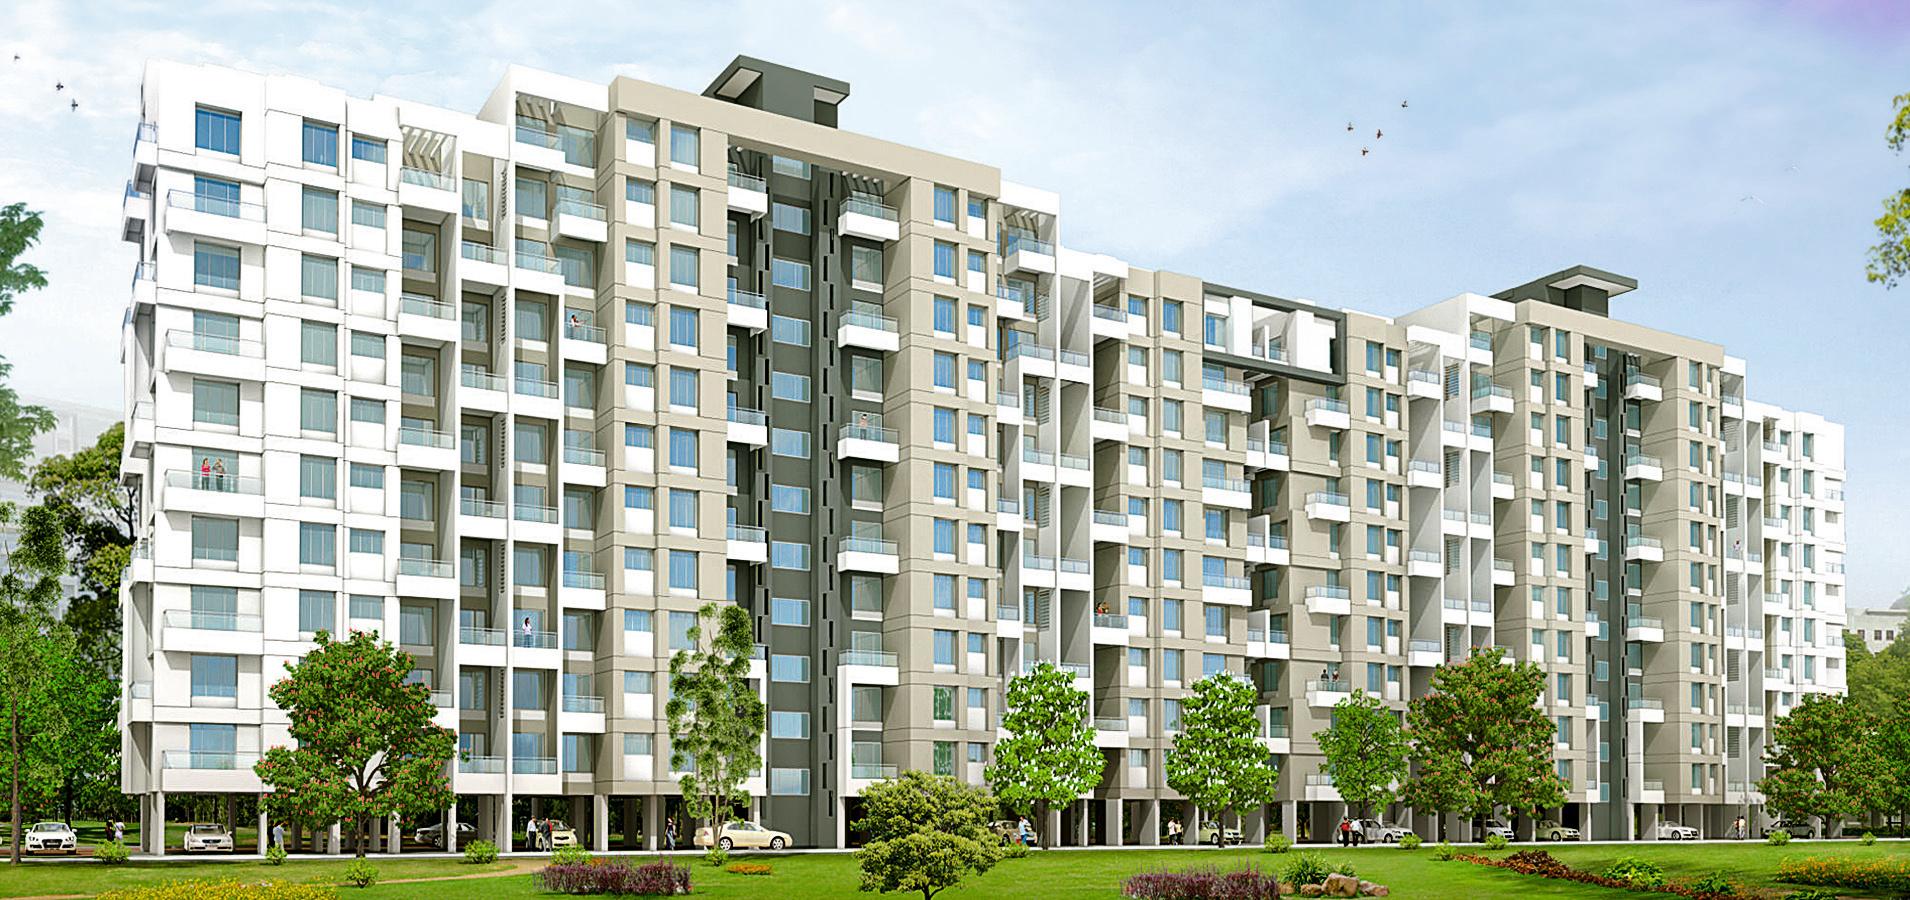 1033 sq ft 2 bhk floor plan image majestique landmark for 1009 fifth avenue floor plan